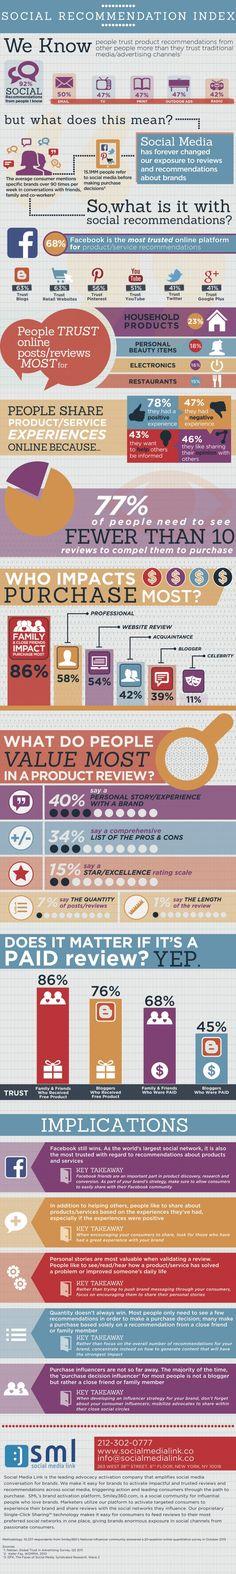 Fidarsi dei Social Media: i consumatori si fidano dei Social, si fidano di ciò che i loro amici raccomandano sulle piattaforme digitali.